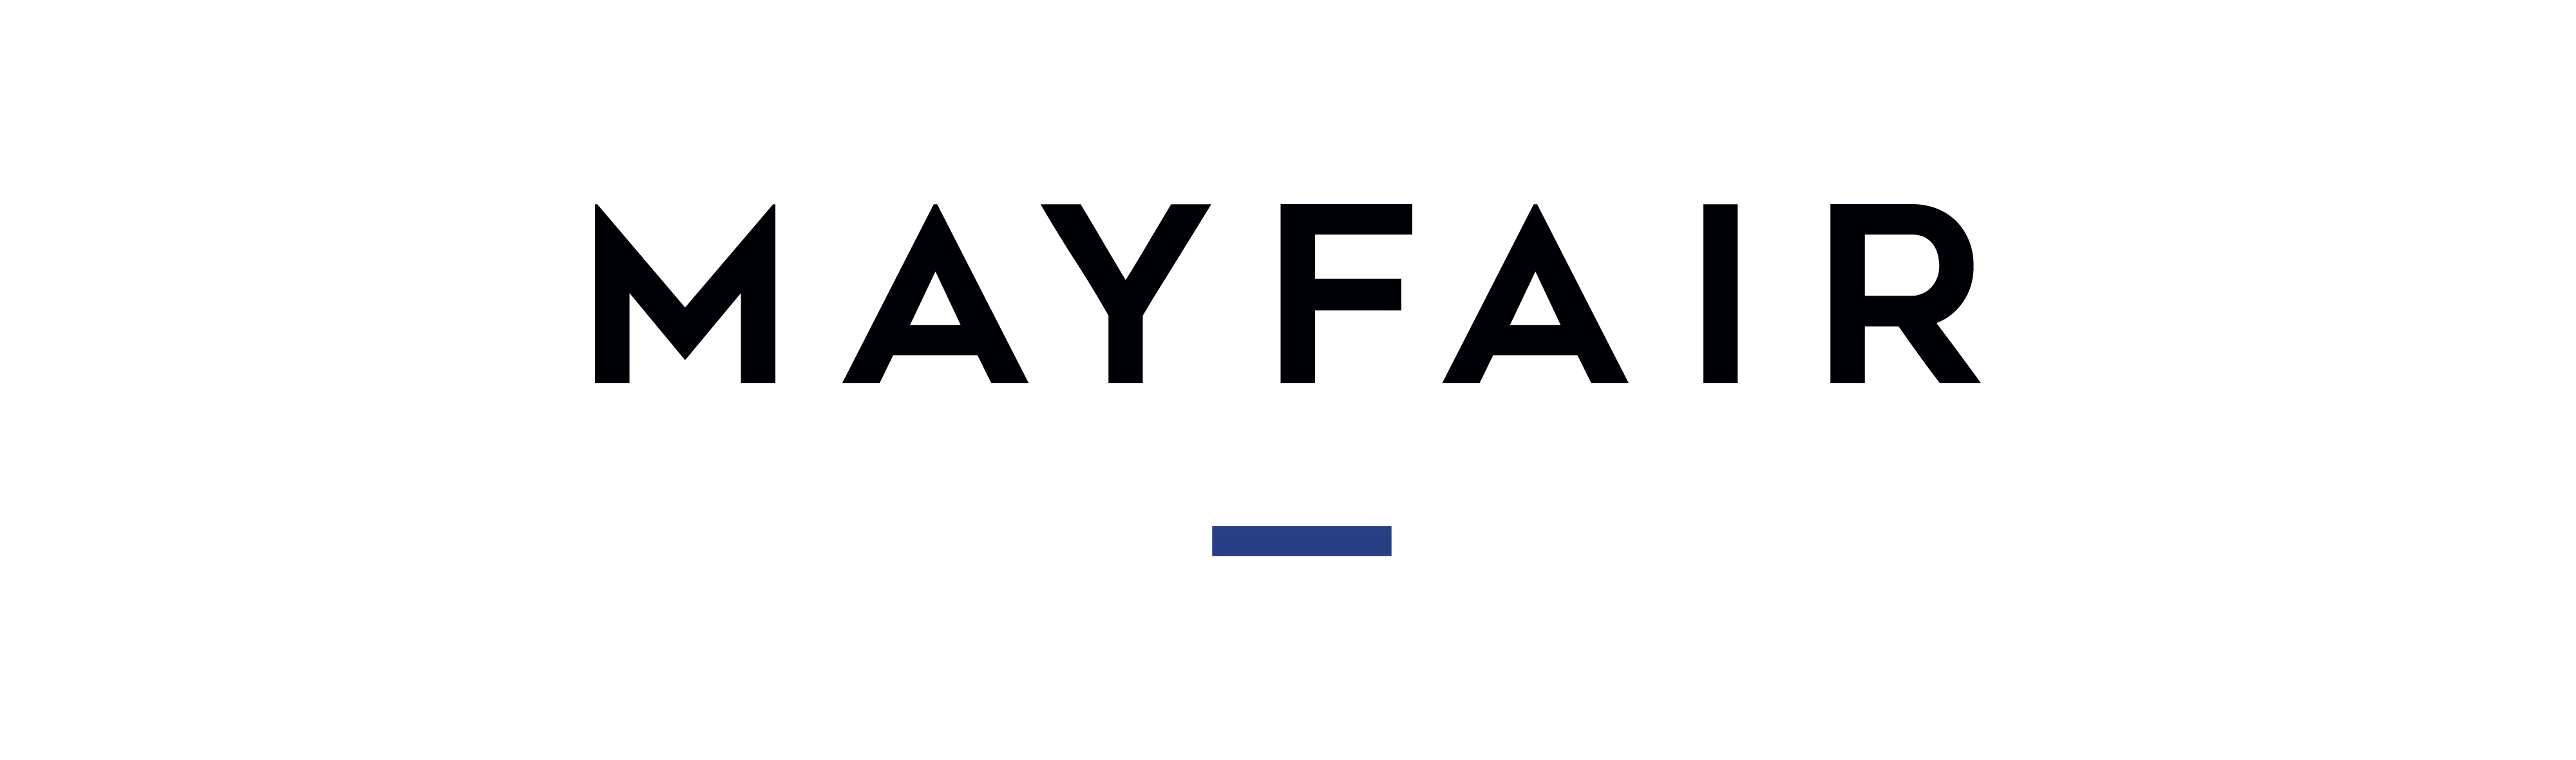 Mayfair Real Estate, Belmore, 2192